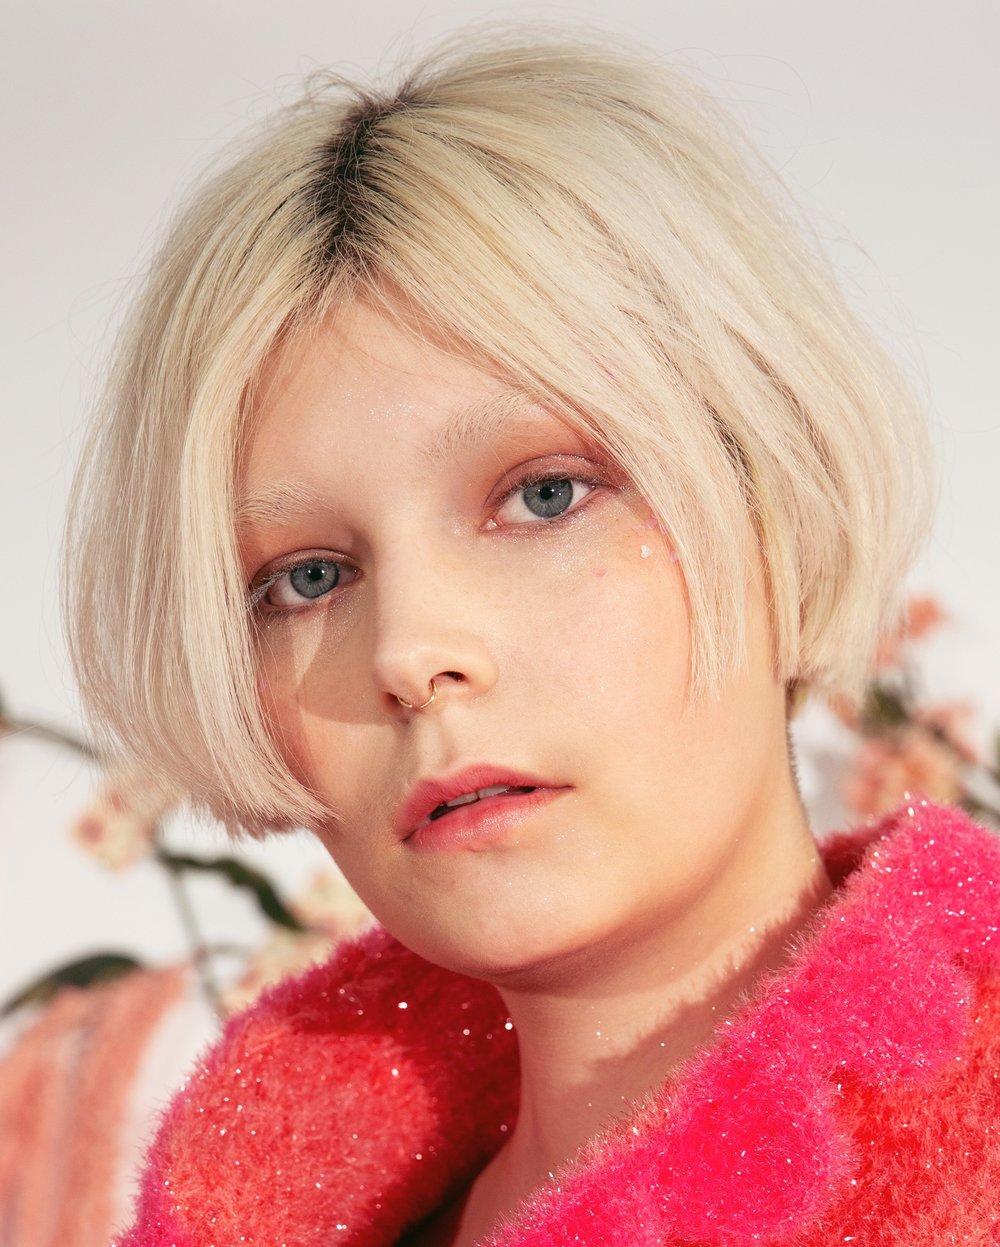 Lindsey_Makeup 1.JPG